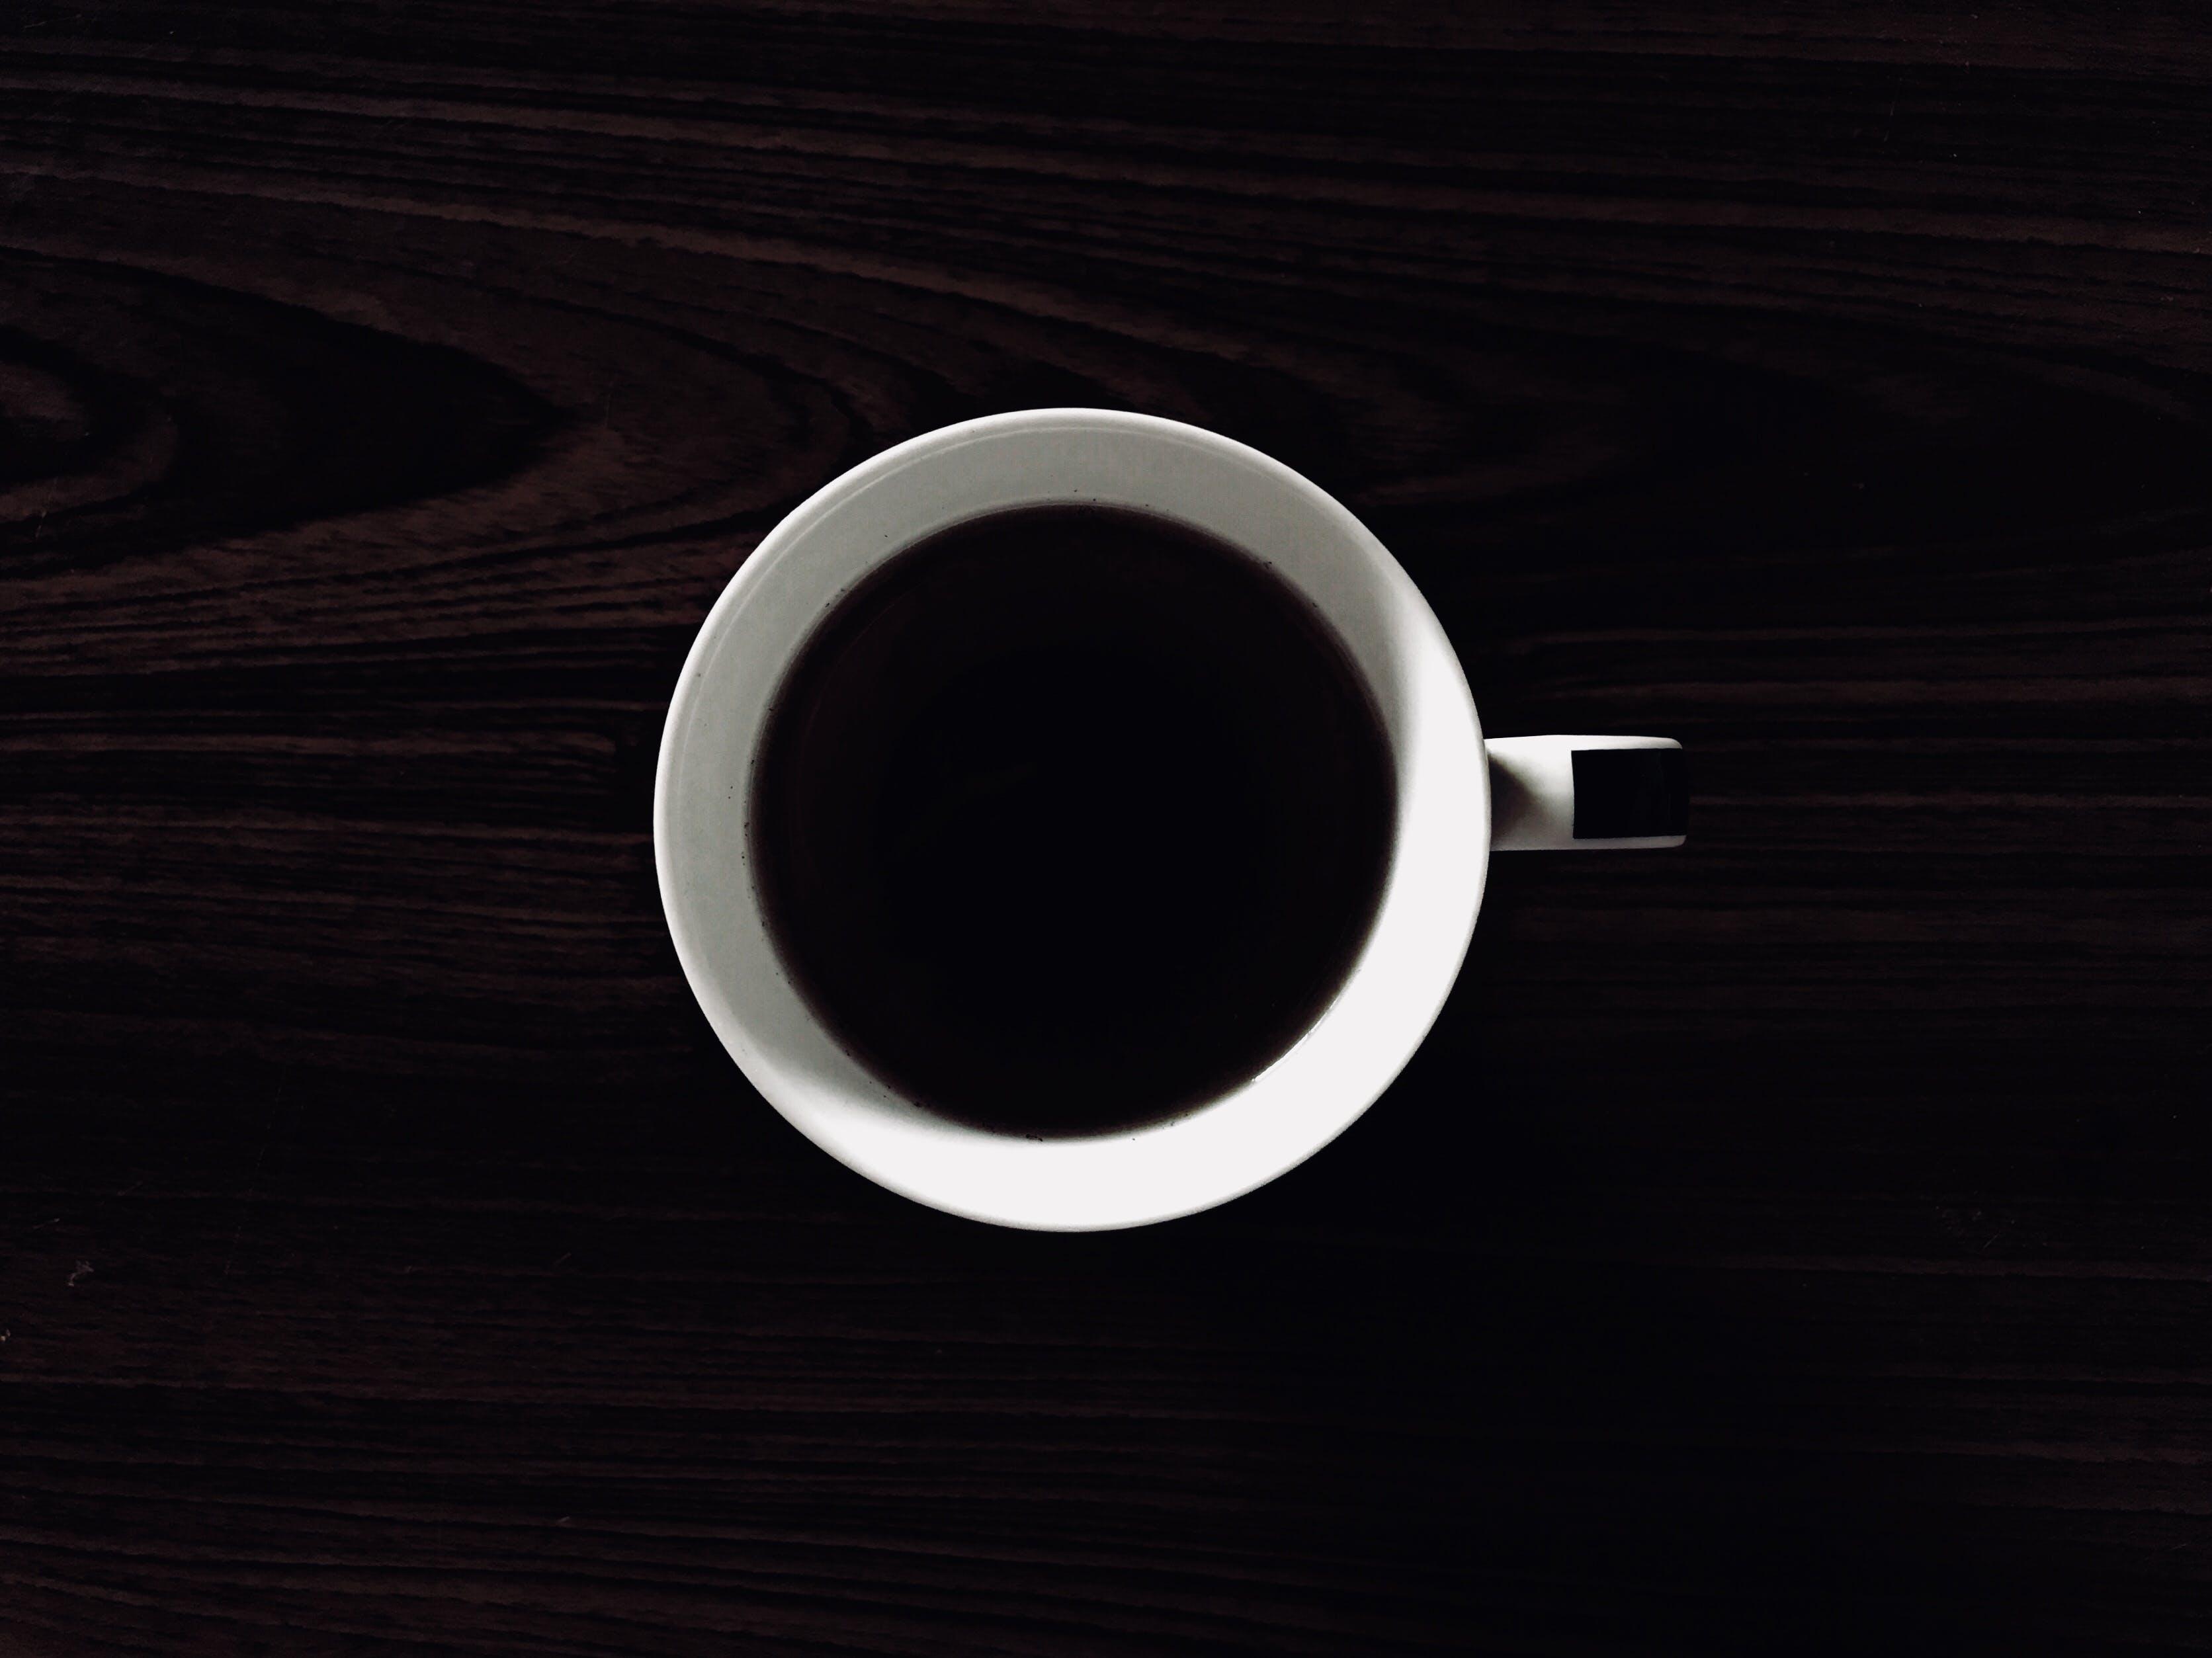 一杯咖啡, 咖啡, 咖啡因, 咖啡杯 的 免費圖庫相片